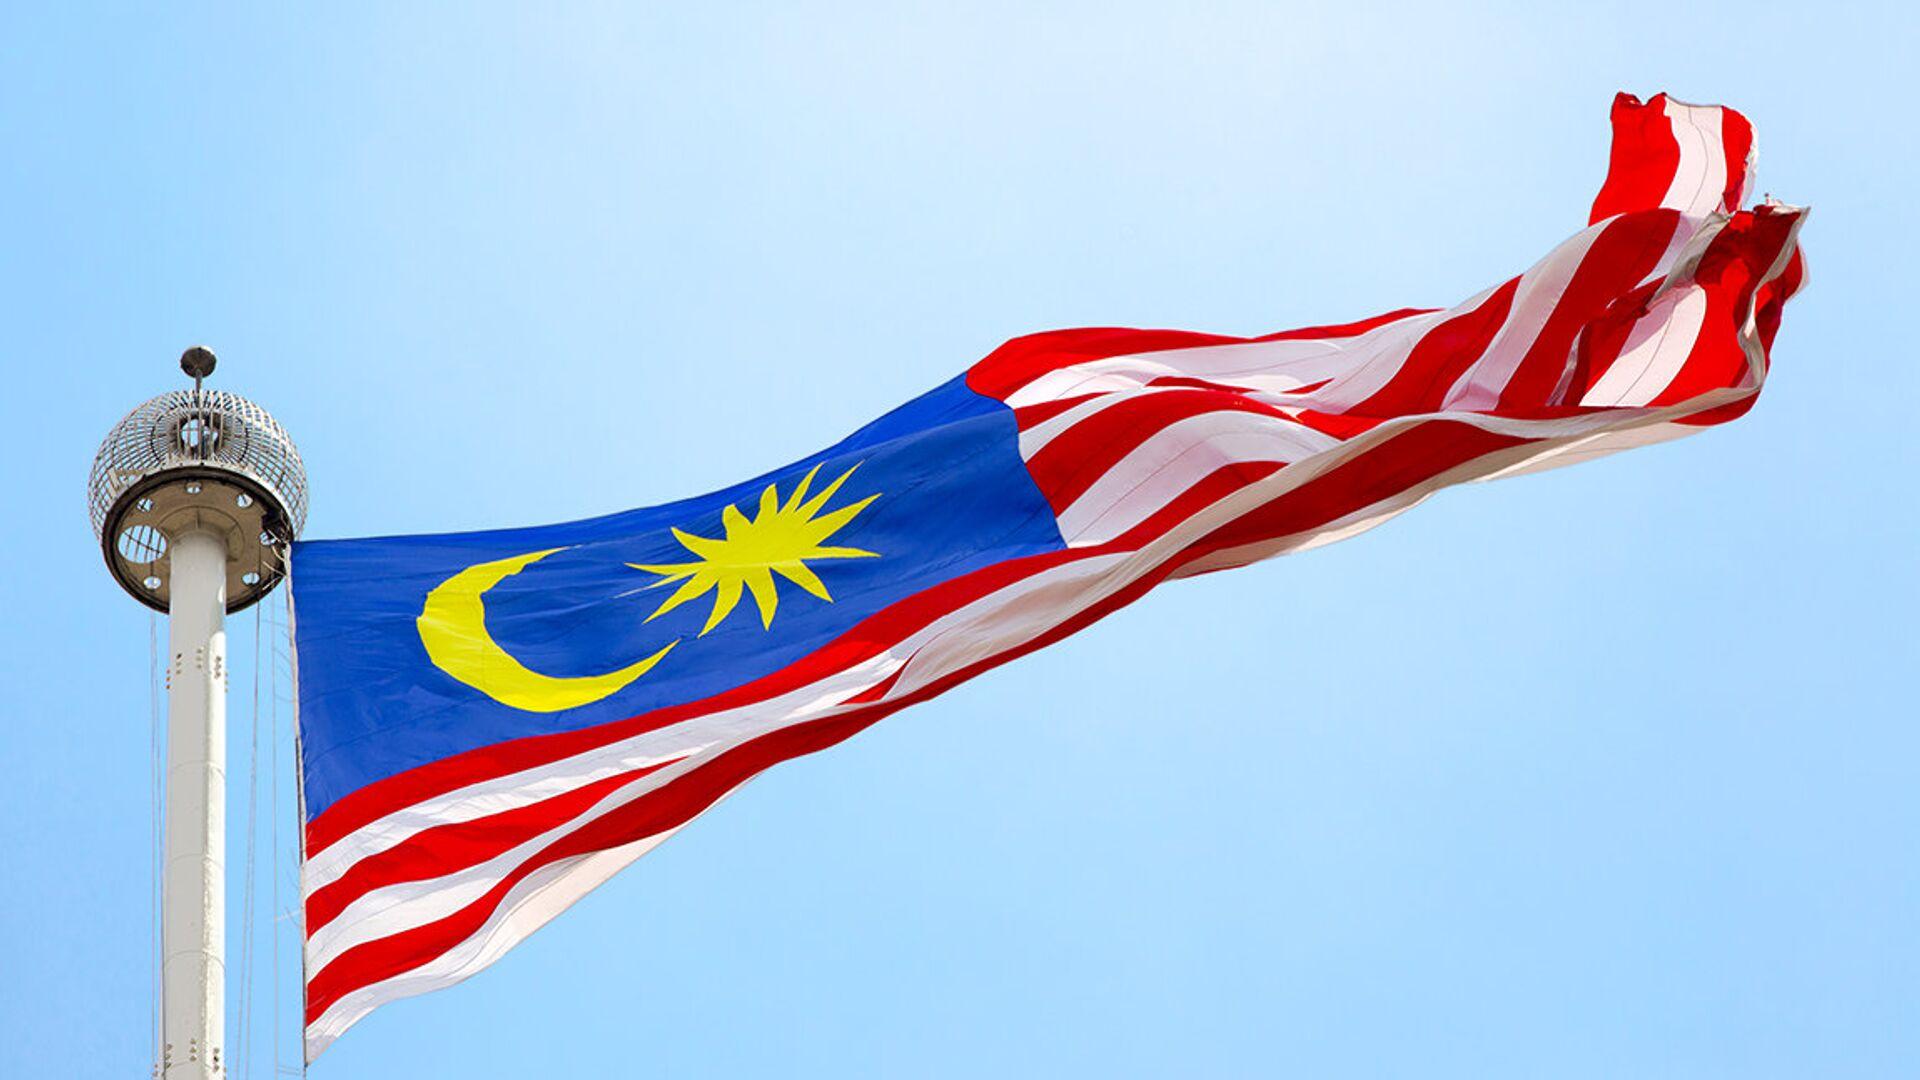 La bandera de Malasia - Sputnik Mundo, 1920, 19.03.2021